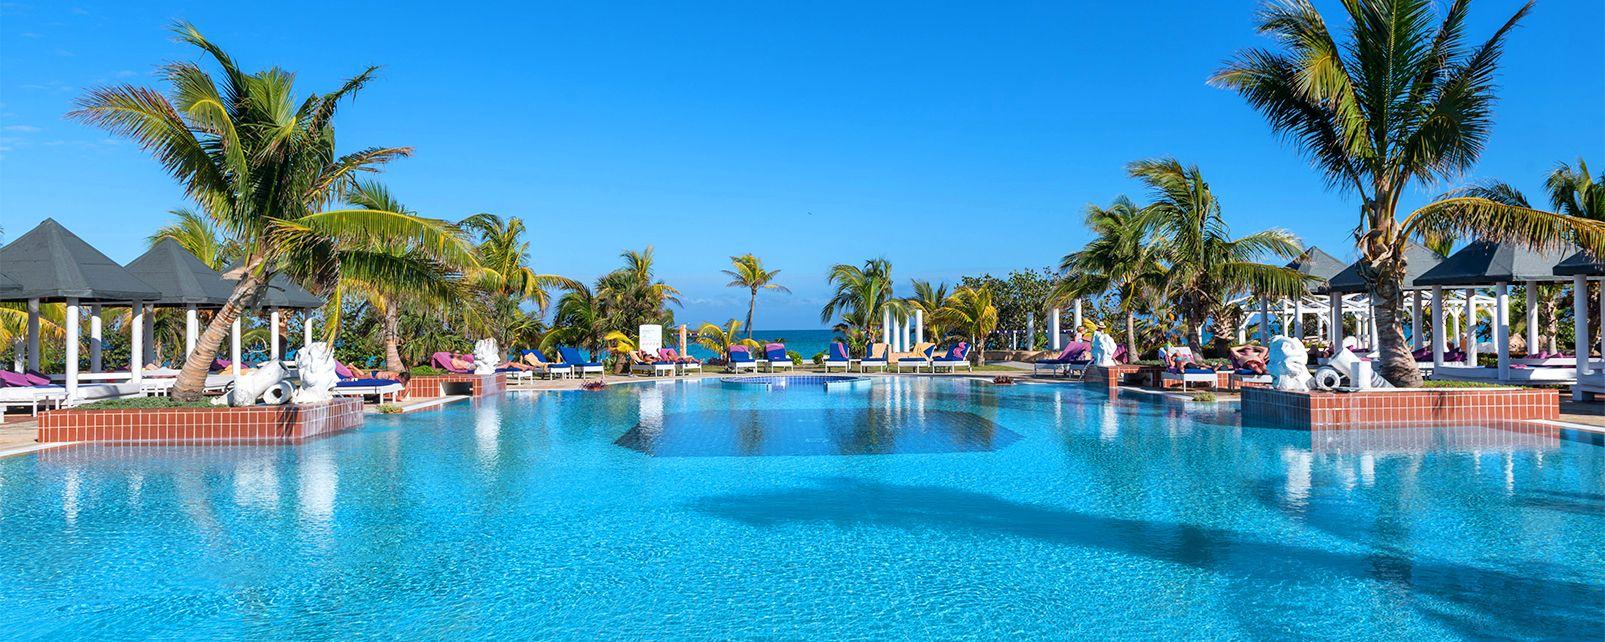 Hôtel Paradisus Varadero Resort and Spa